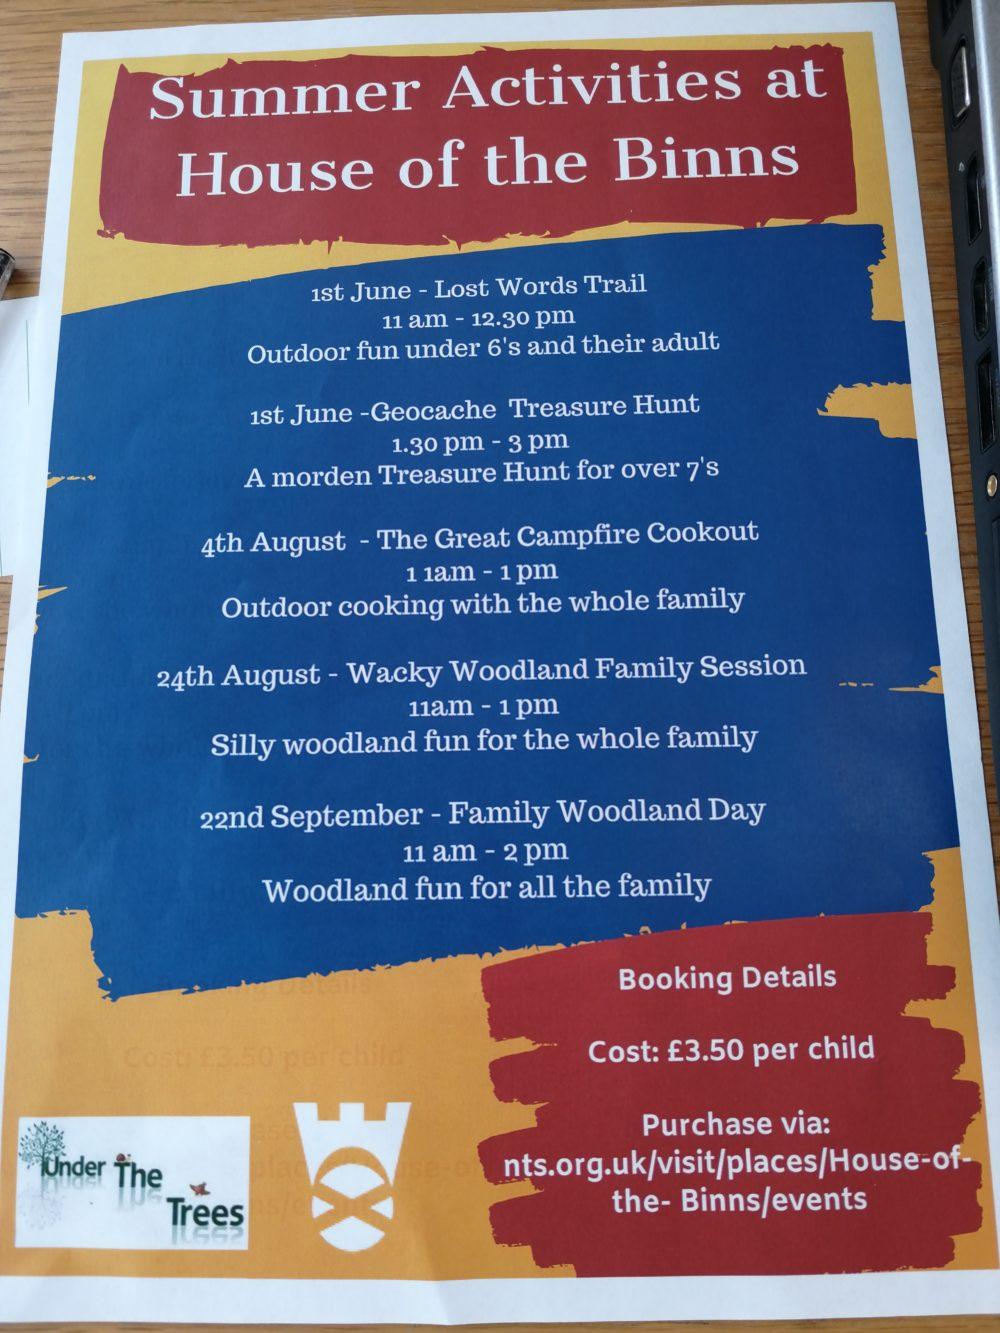 House of the Binns Summer Poster